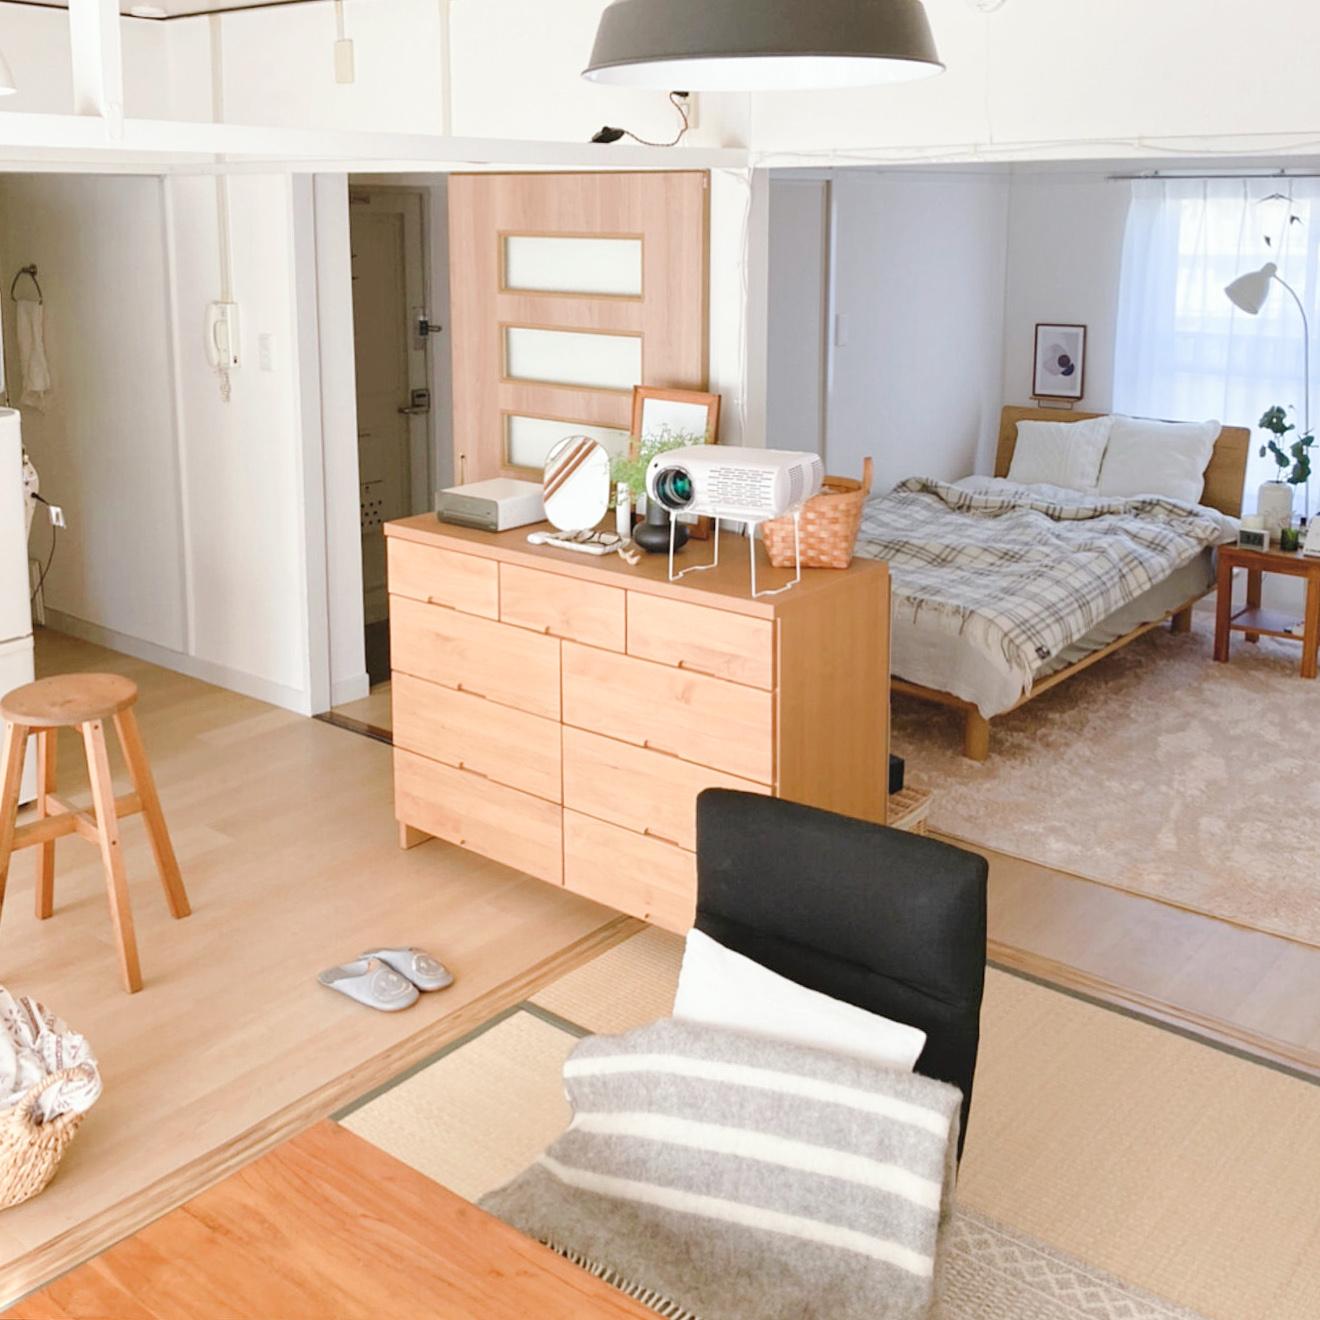 UR賃貸住宅 暮らし心地レポートはこちら:光あふれる団地で、ナチュラルモダンな家具に囲まれた一人暮らしの2DKインテリア